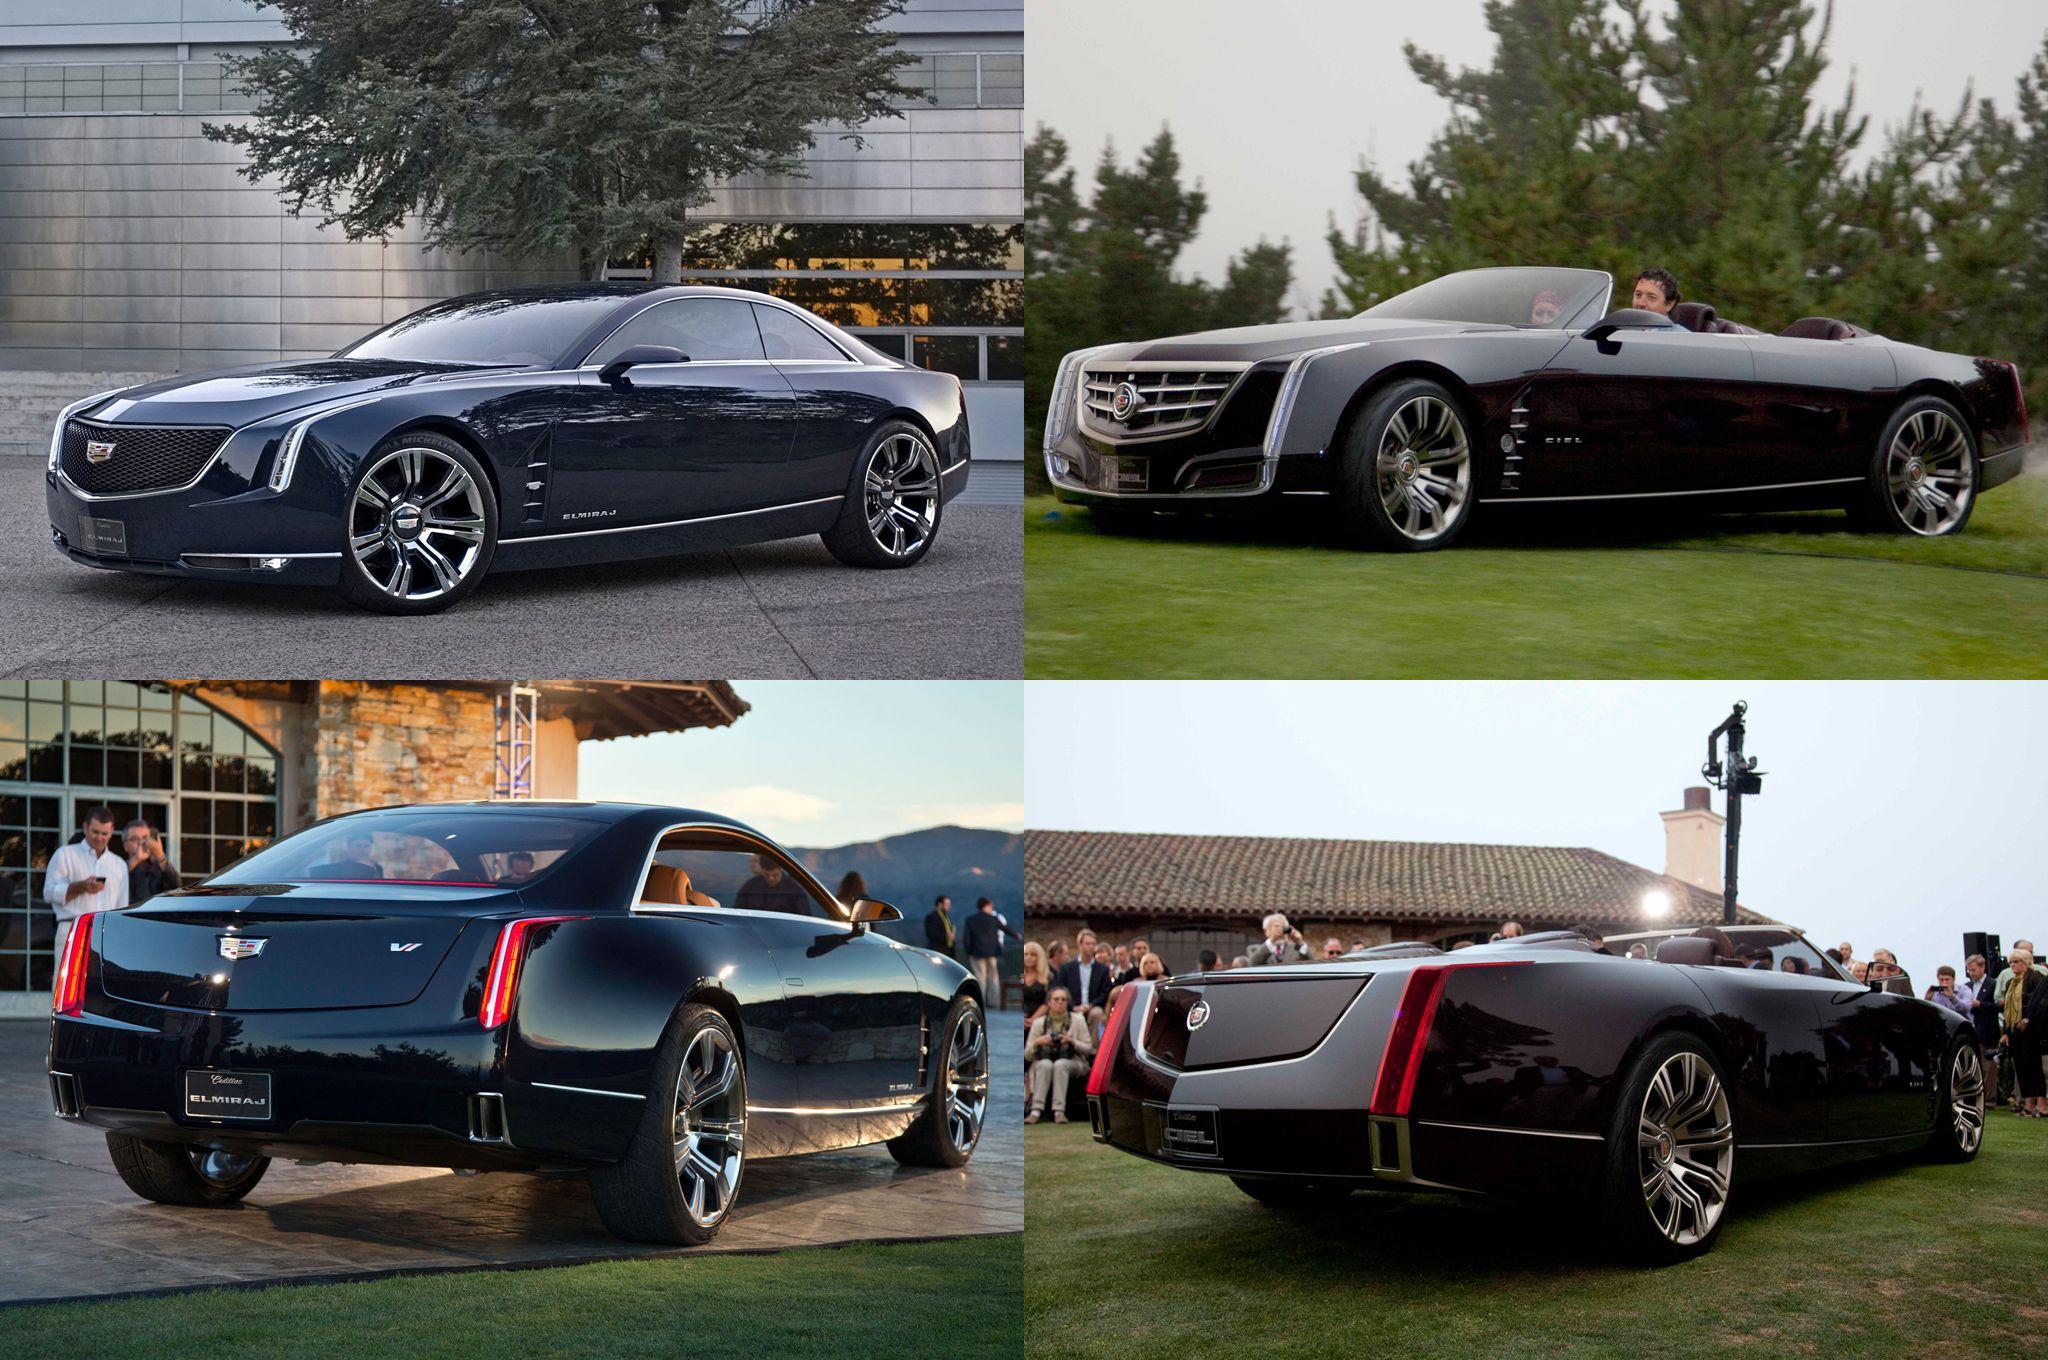 ❦ Cadillac Elmiraj or Cadillac Ciel Concept? (via motortrend.com)